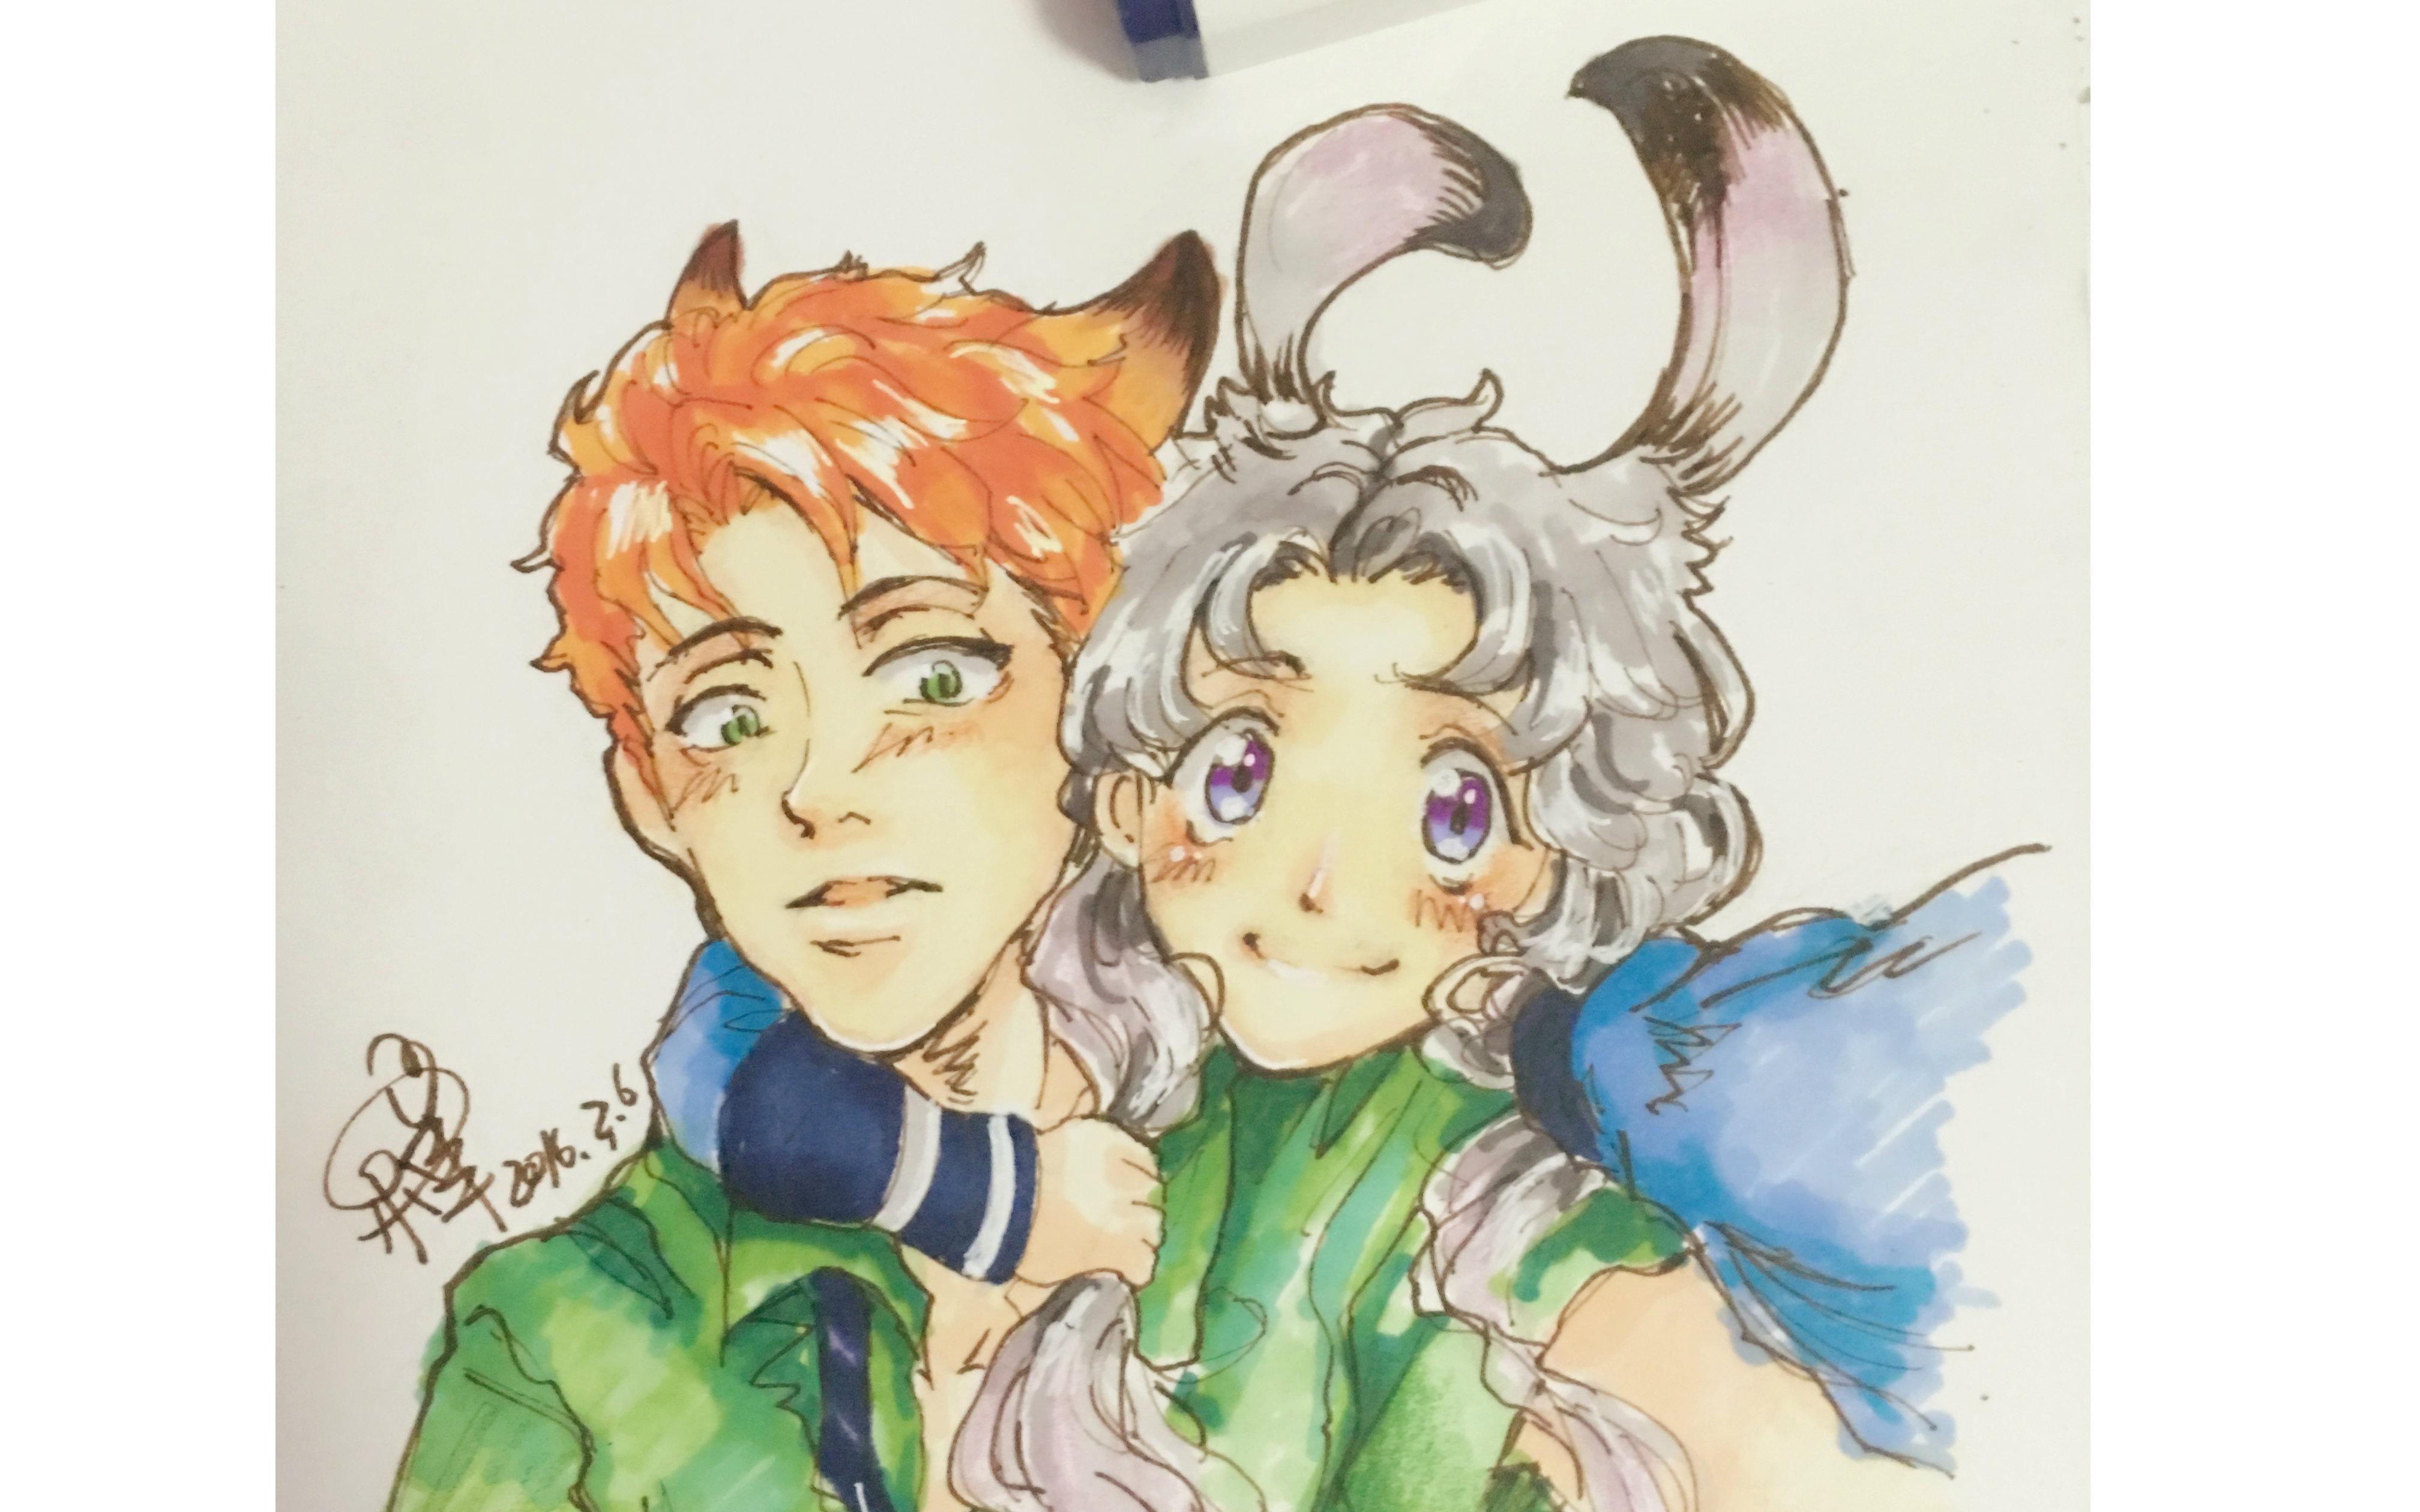 【影梓马克笔】狐狸&兔子(疯狂动物城